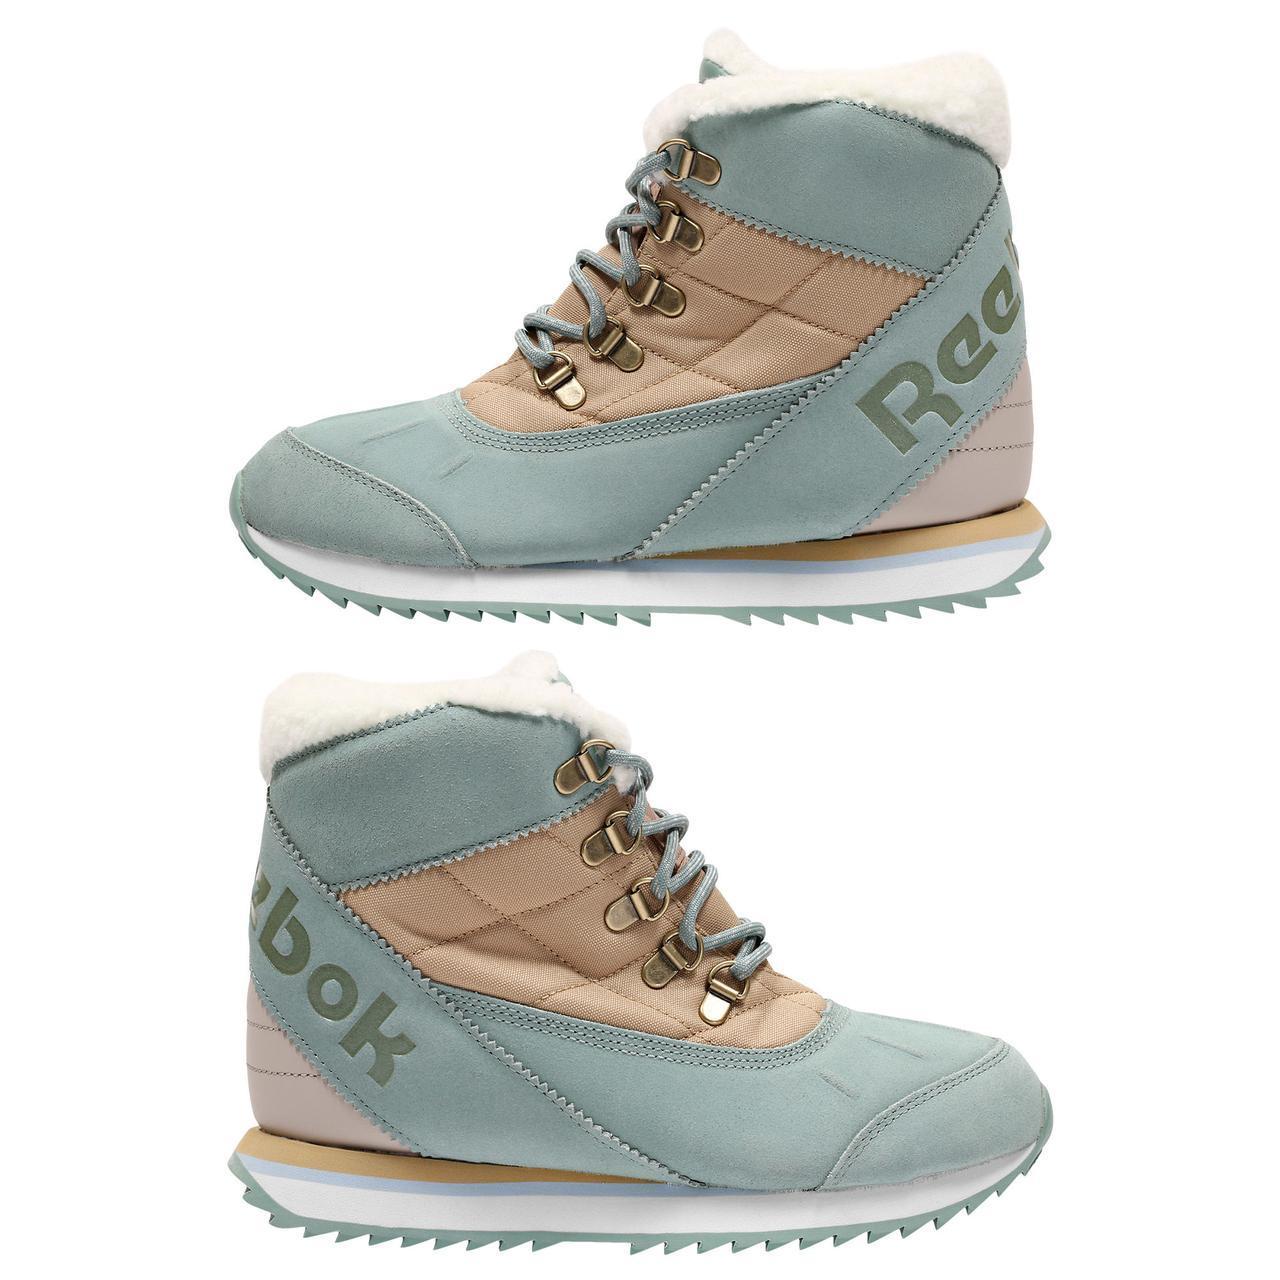 054c3e05 Зимние женские ботинки Reebok Frostopia II CN1775: продажа, цена в ...